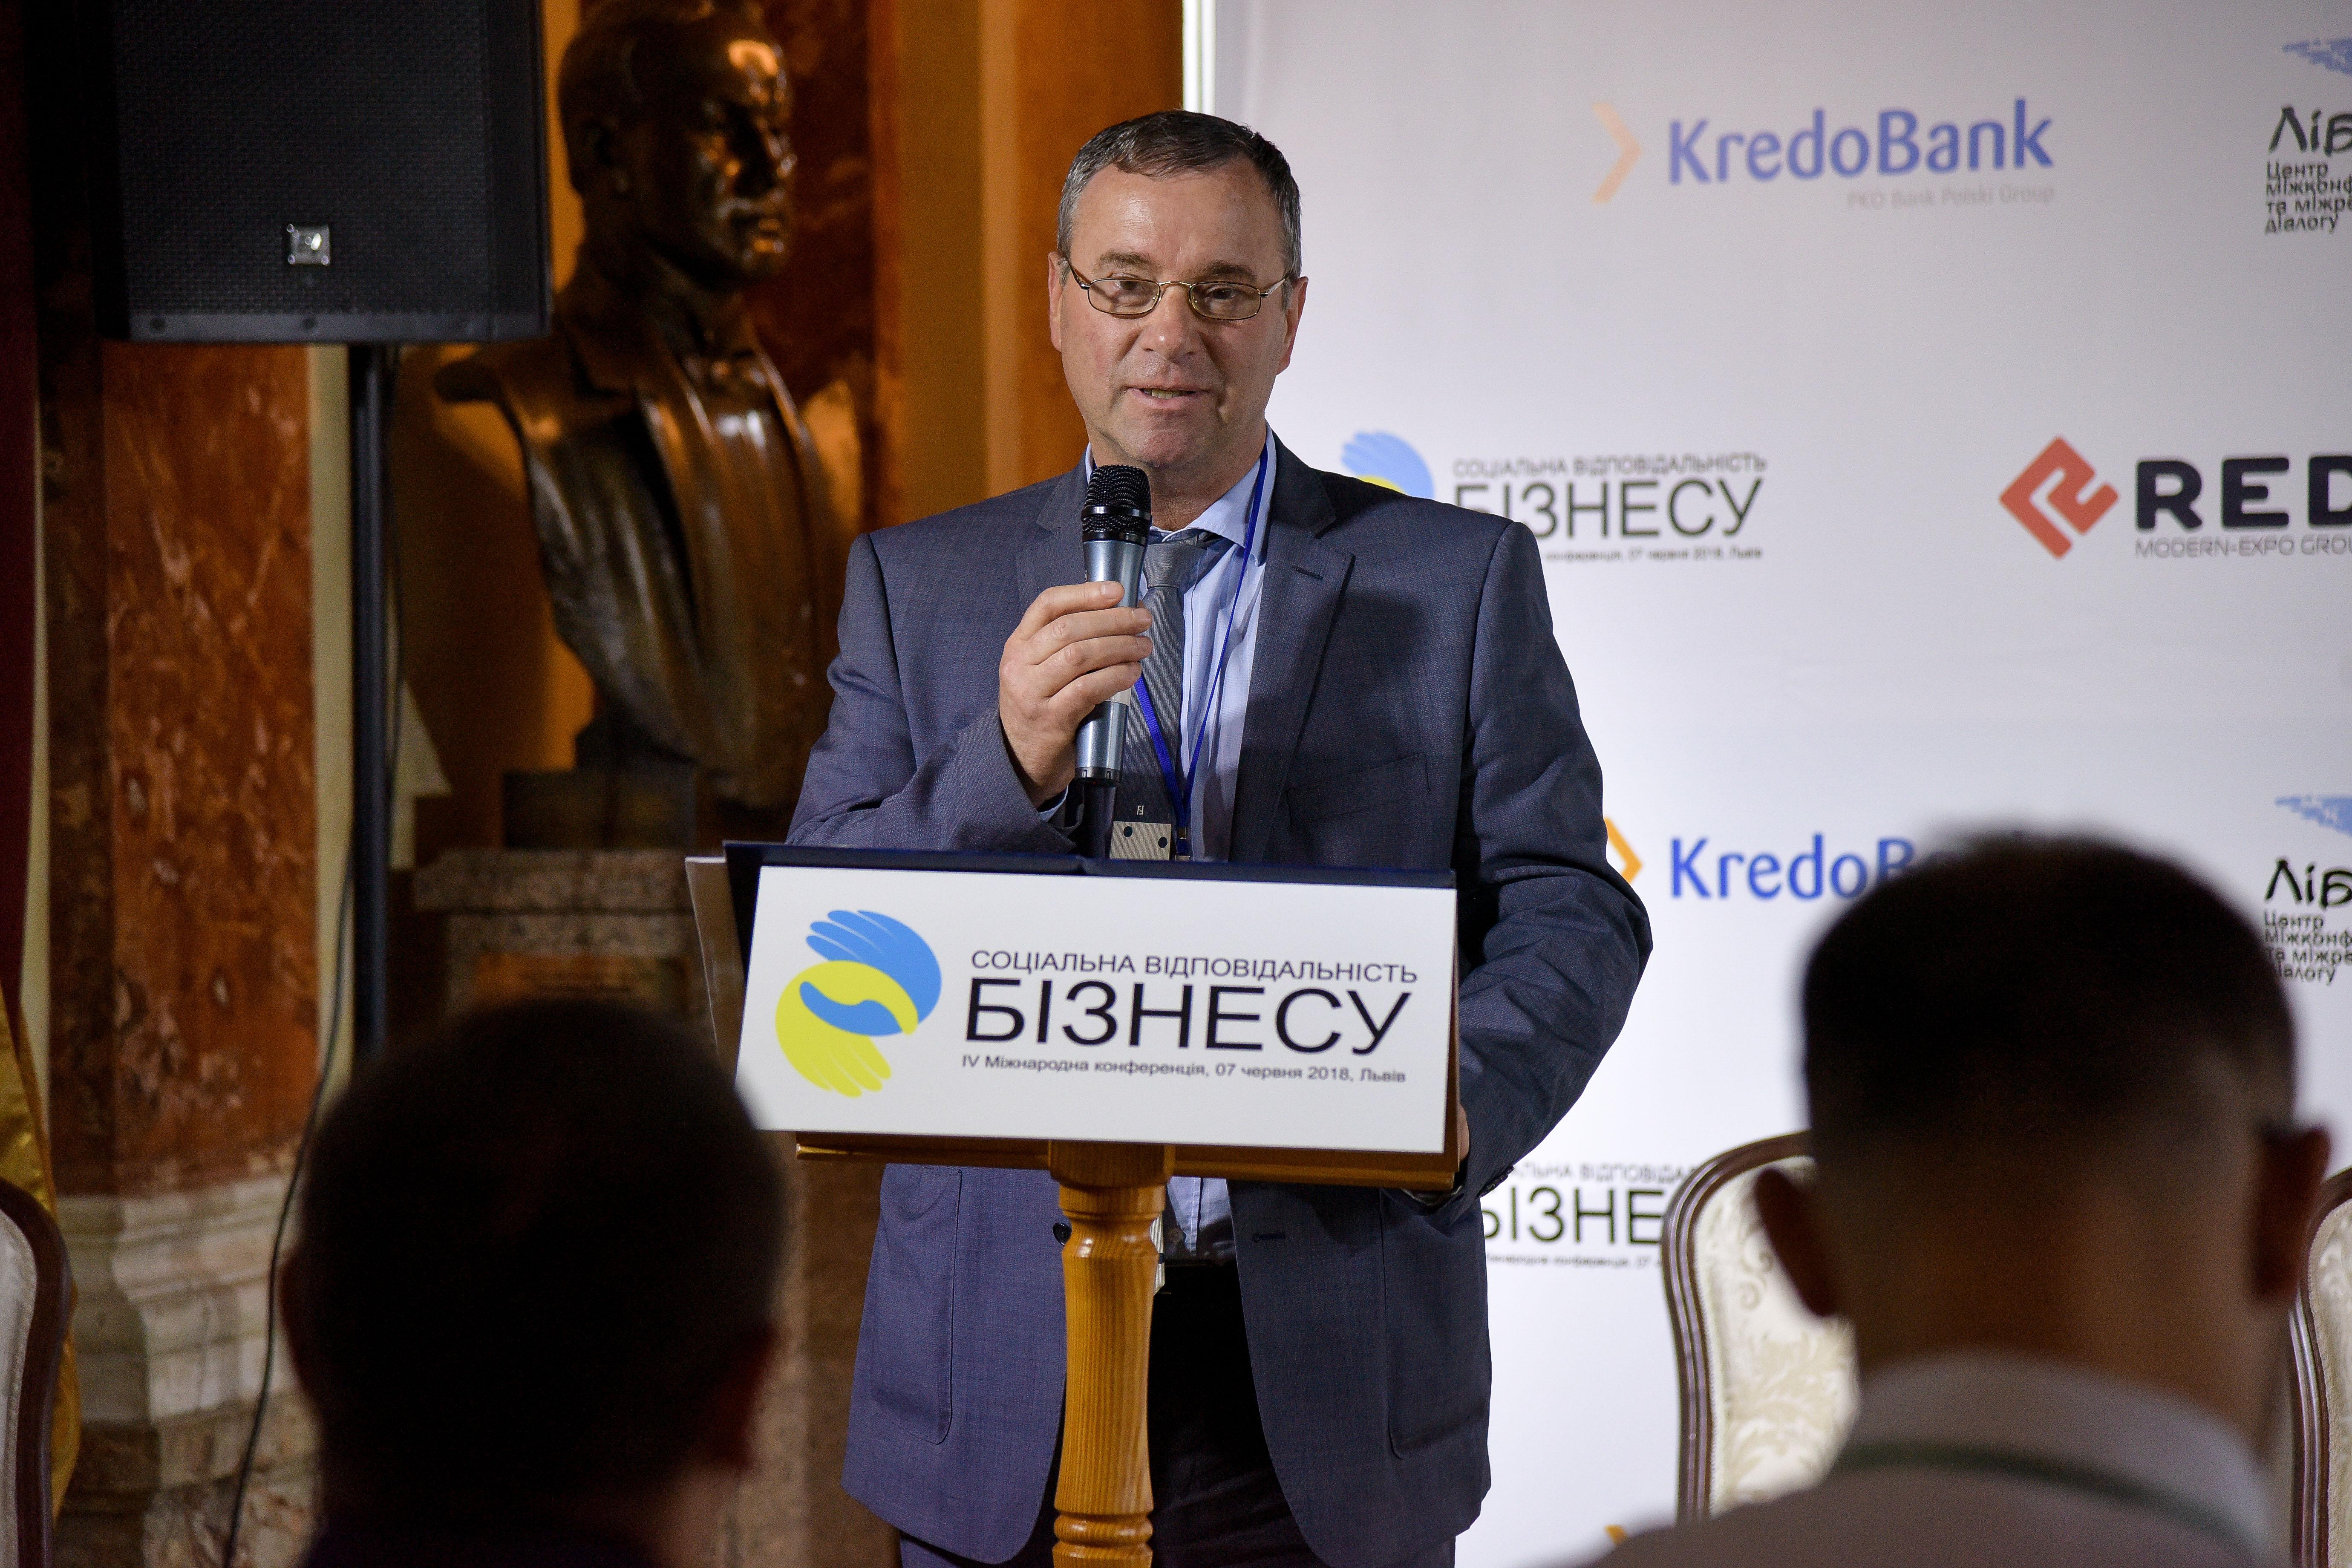 Здебільшого питання стосувалися працевлаштування молоді та створення  належних умов праці є надзвичайно актуальними проблемами для кожної області  України 9c8476f01bd2b